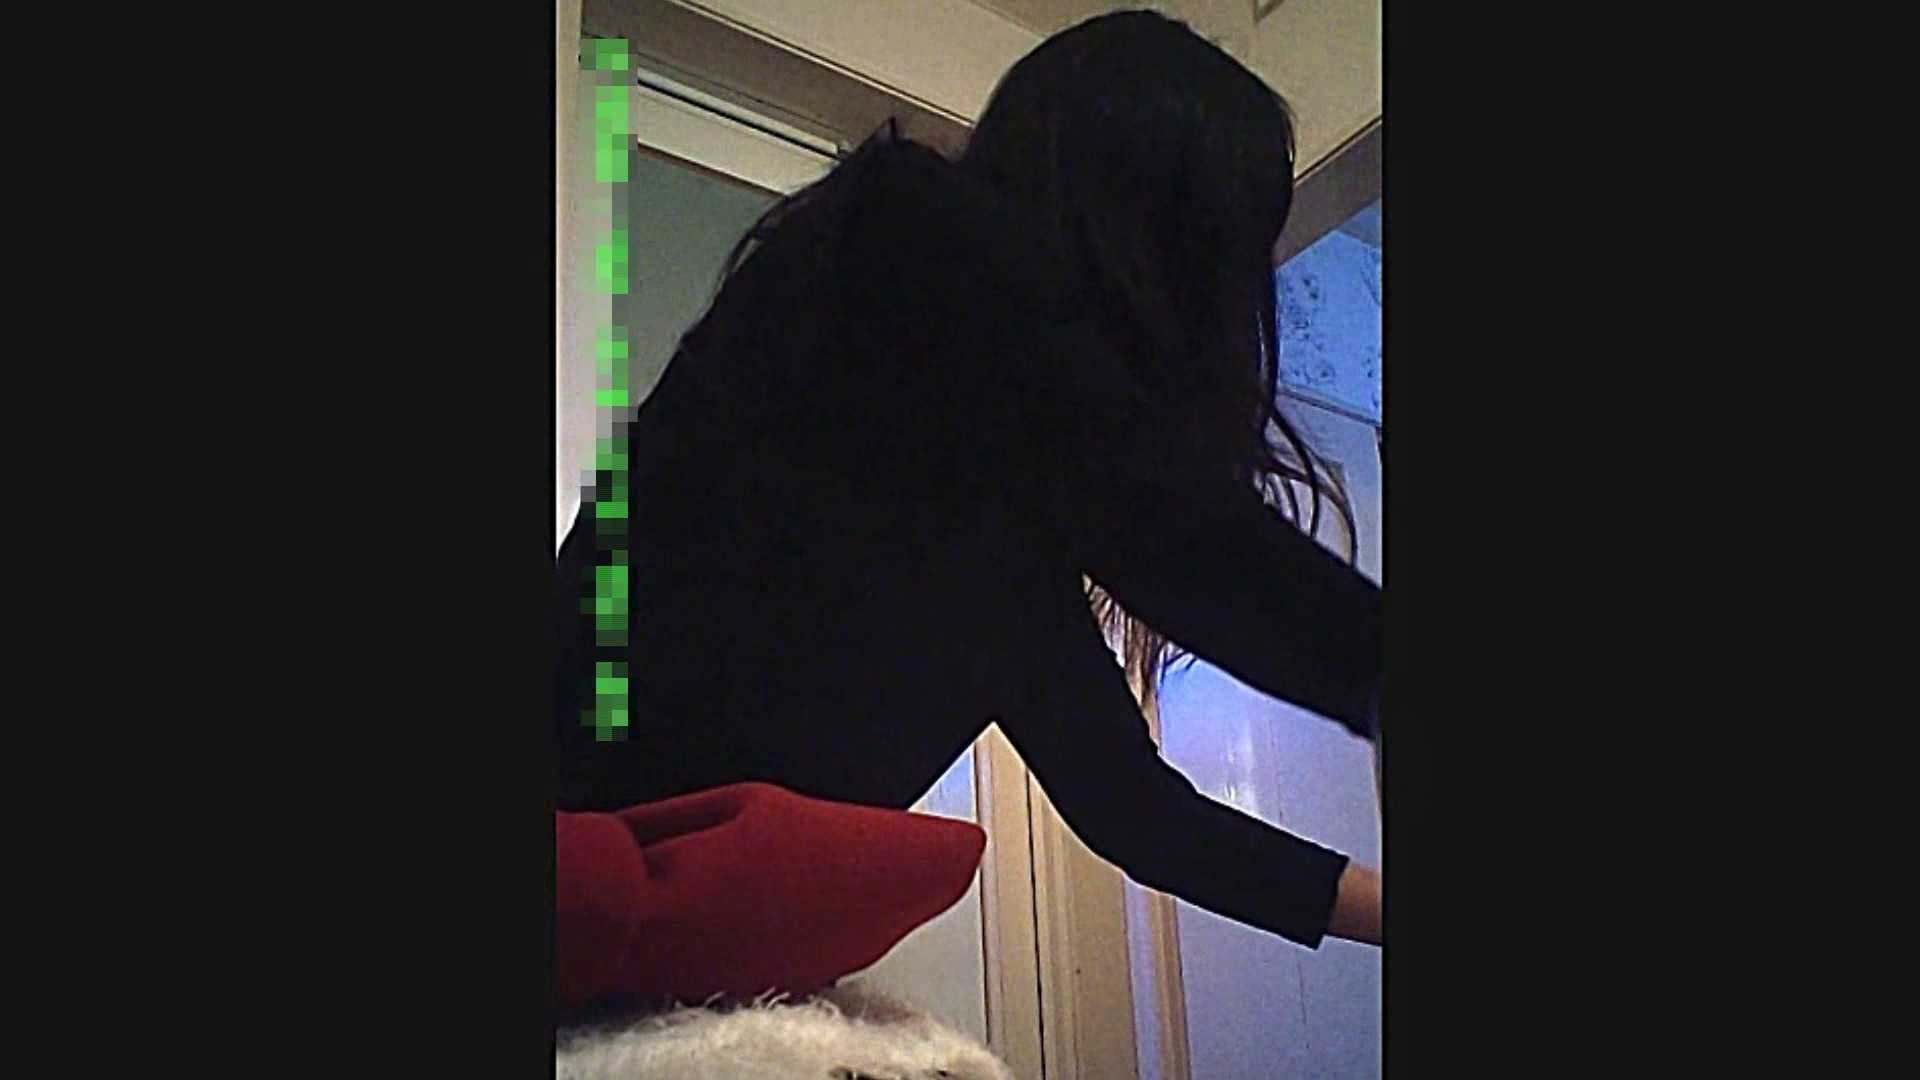 禁断、、塾講のおしえ子 (シリーズⅤ) とみちゃん  Vol.28 脱衣編 ギャル達 AV無料動画キャプチャ 82枚 38